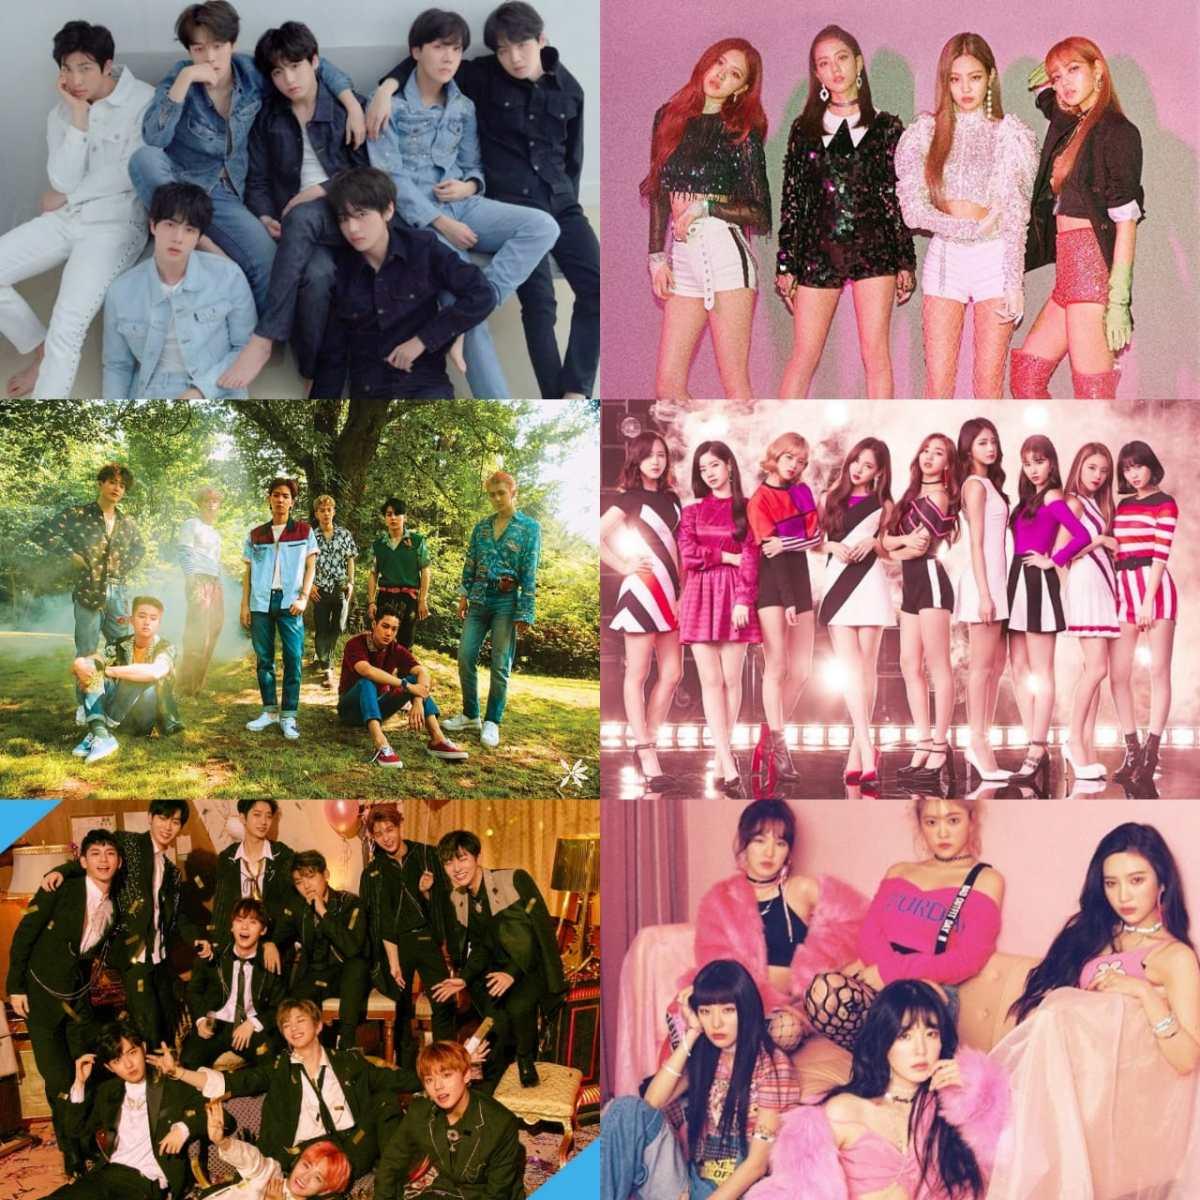 [Naver] العاملون في الصناعة يختارون الأكثر تأثيرًا في الموسيقى الكورية